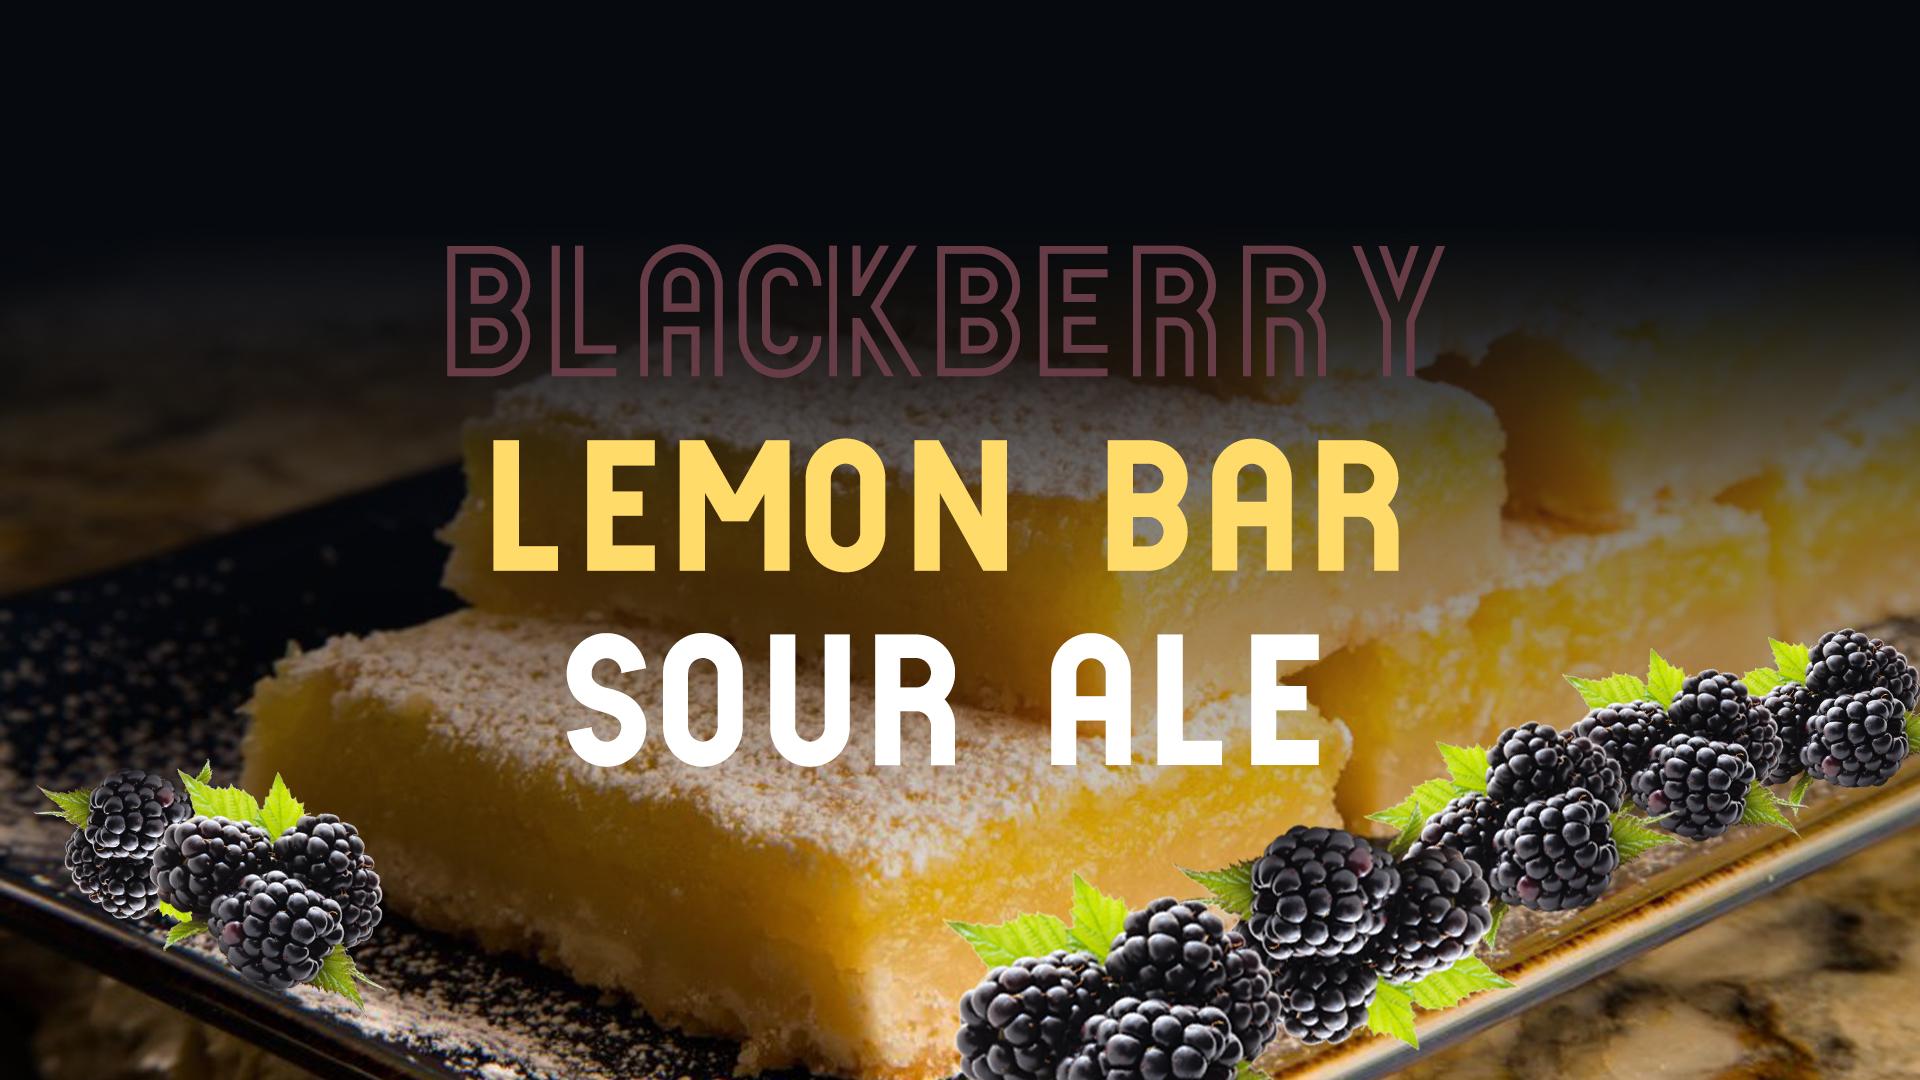 Blackberry-lemon-bar-sour-event.jpg